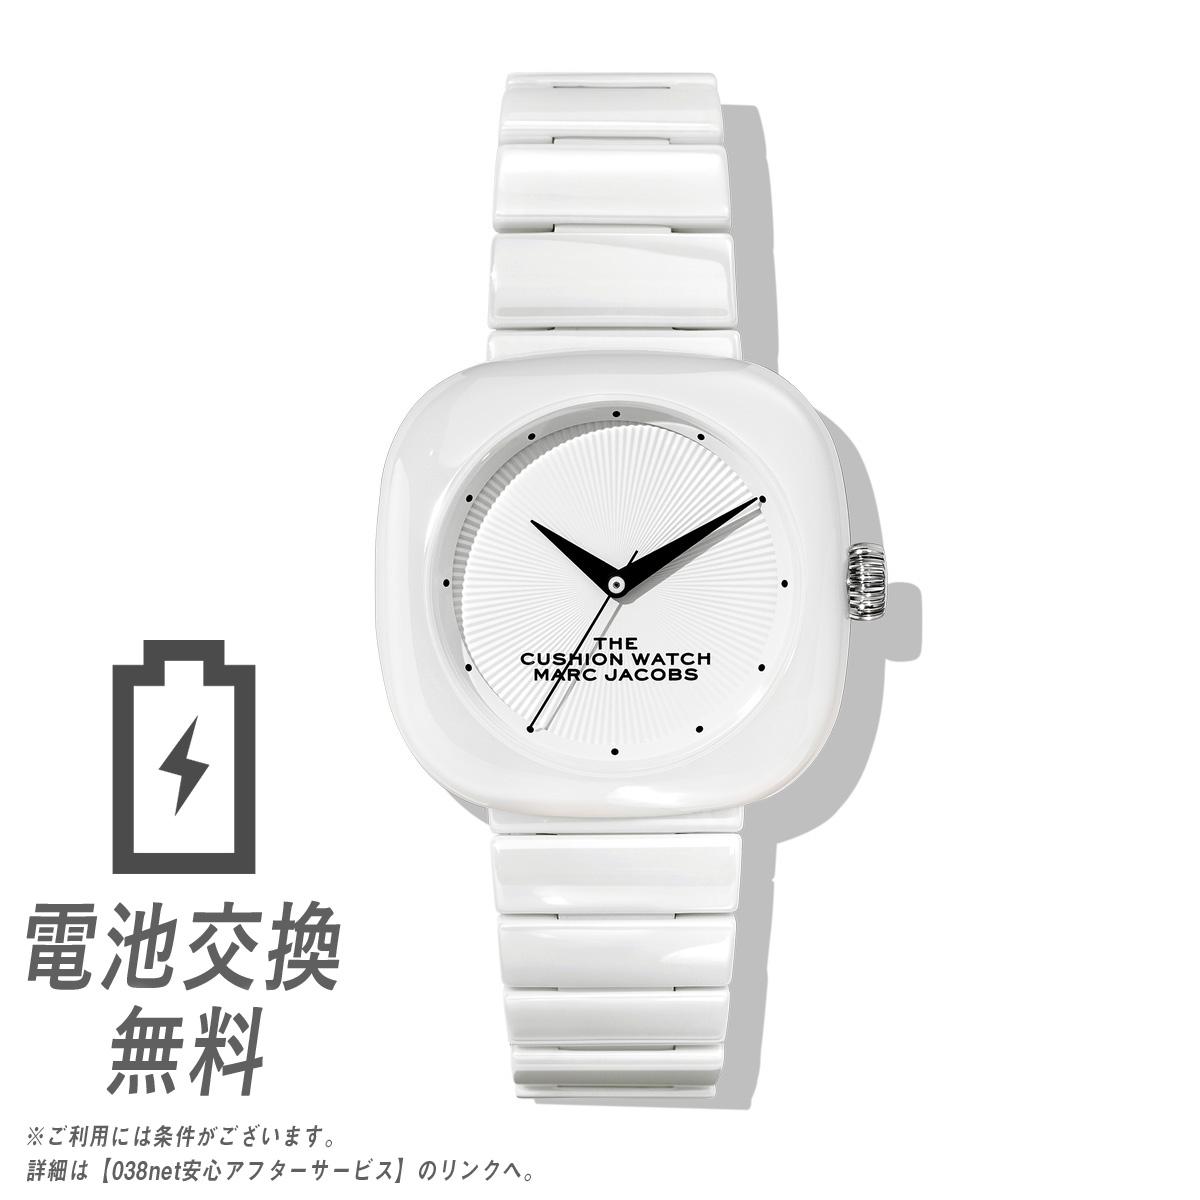 【ラッピング無料】MARC JACOBS マークジェイコブス クッションウォッチ レディース 腕時計 ホワイト 白 セラミック 白色 20184710 The Cushion Watch 36mm M8000737-100-1SZ 女性用 時計